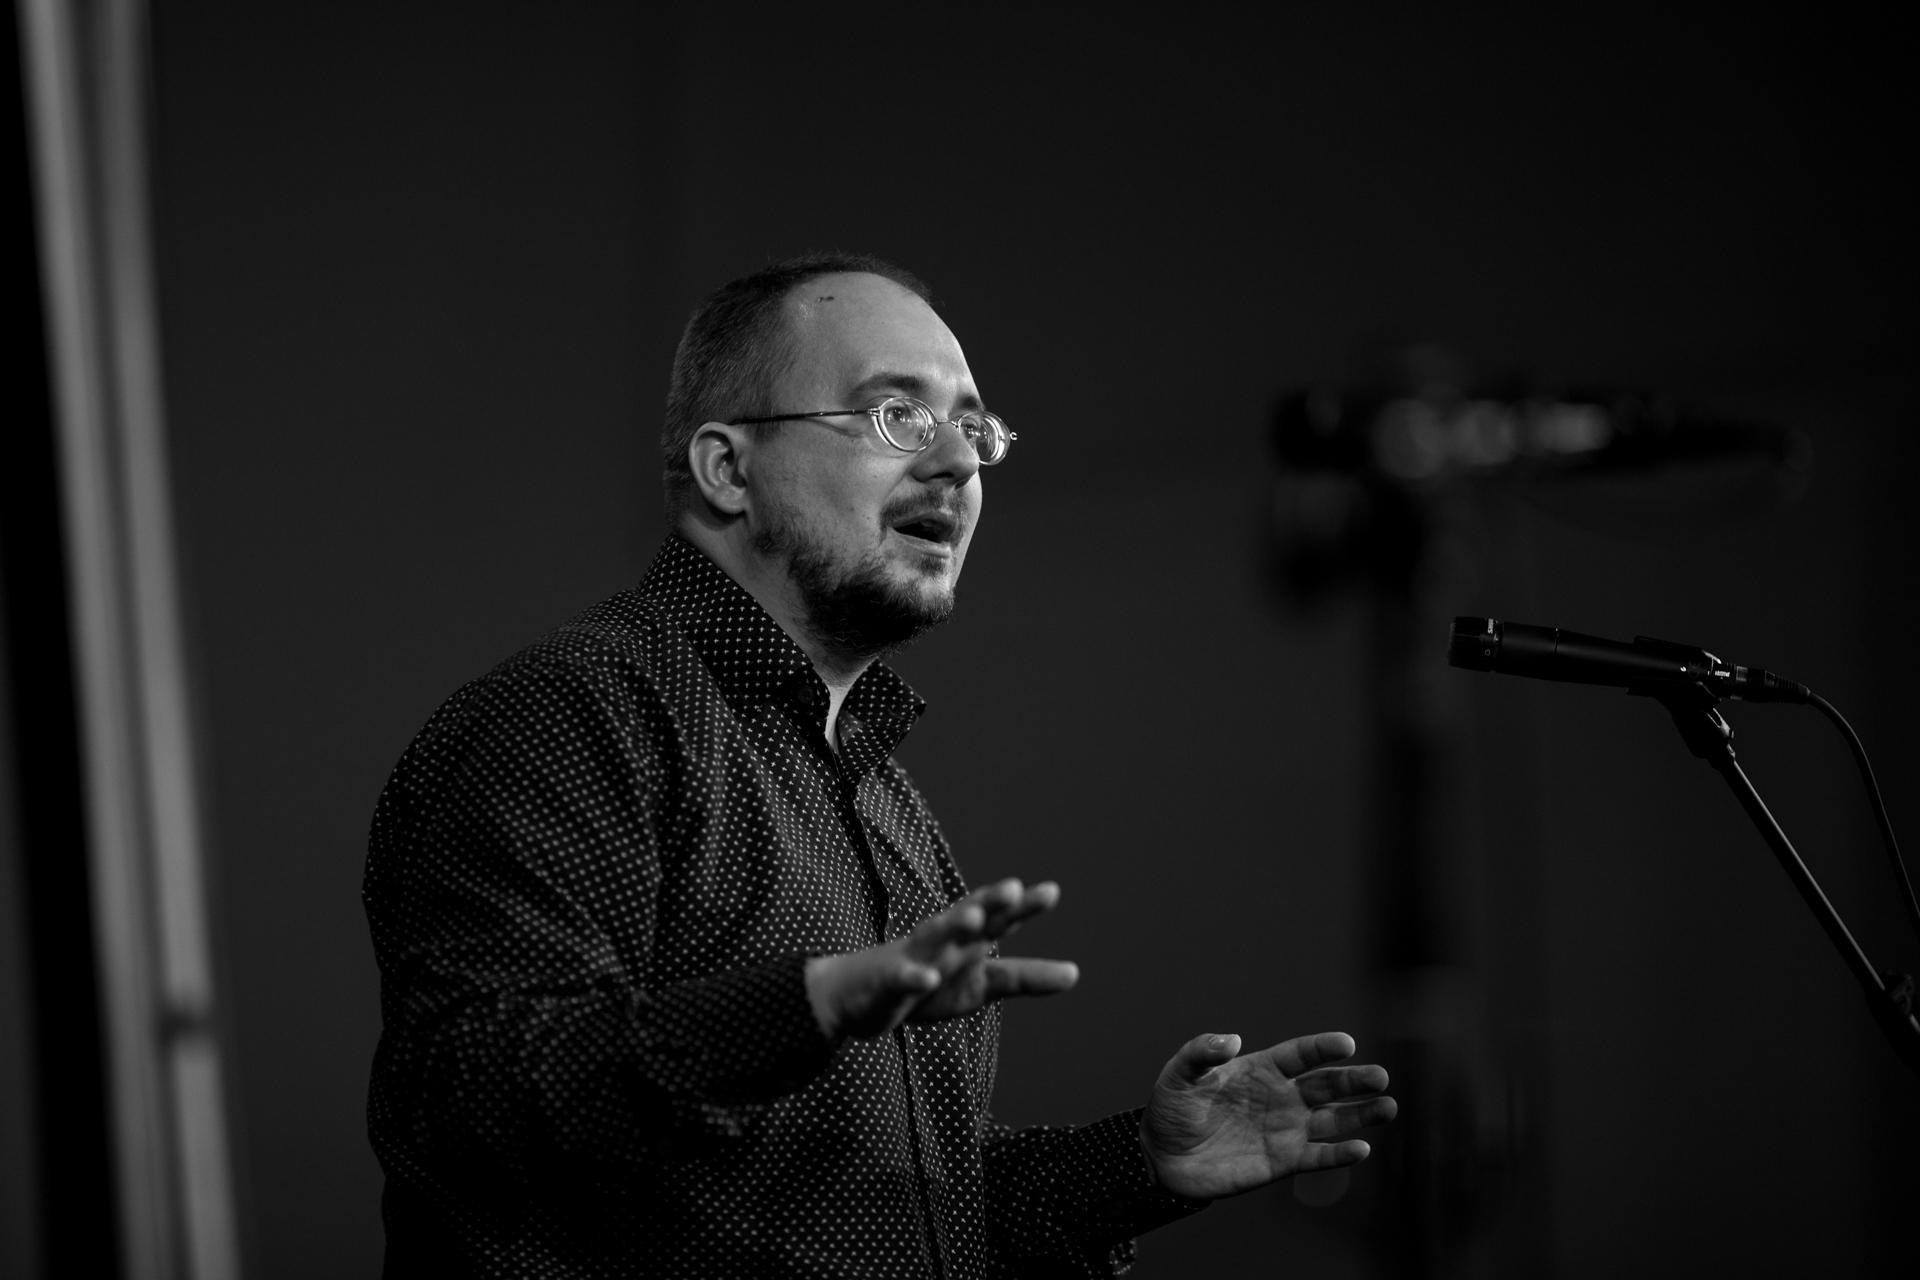 https://festiwalopowiadania.pl/wp-content/uploads/2021/09/18-listopada-godz.-19.00-JARKI-KAMIEŃ-do-podmiany-Ł.-Szypkowski-fot.-Bernard-Łętowski.jpg